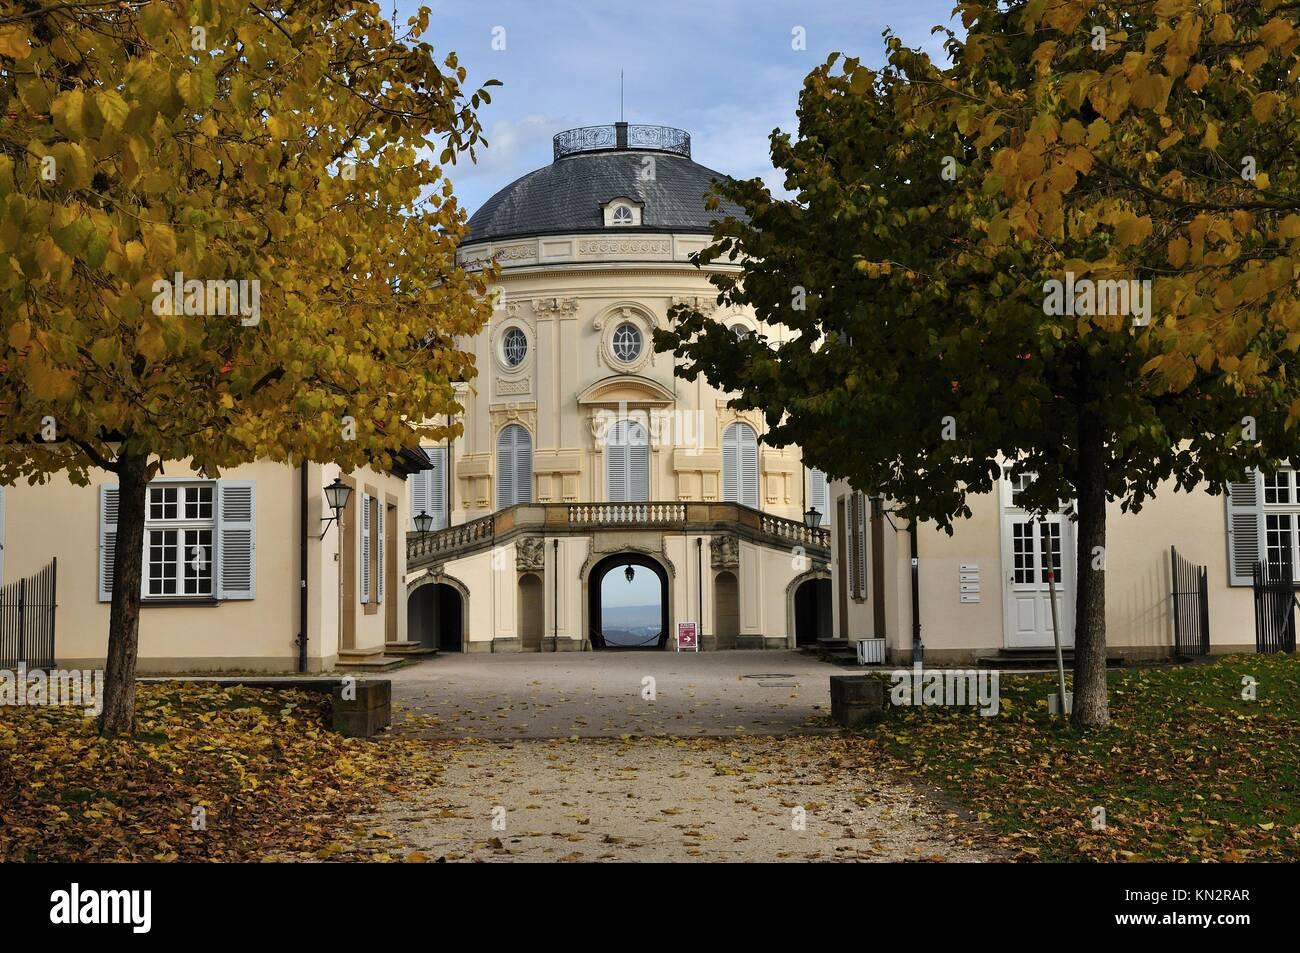 Hintere Gasse Schloss Solitude, Stuttgart, Herbst Foresight Aus Dem Garten  Gasse Der Berühmten Burg